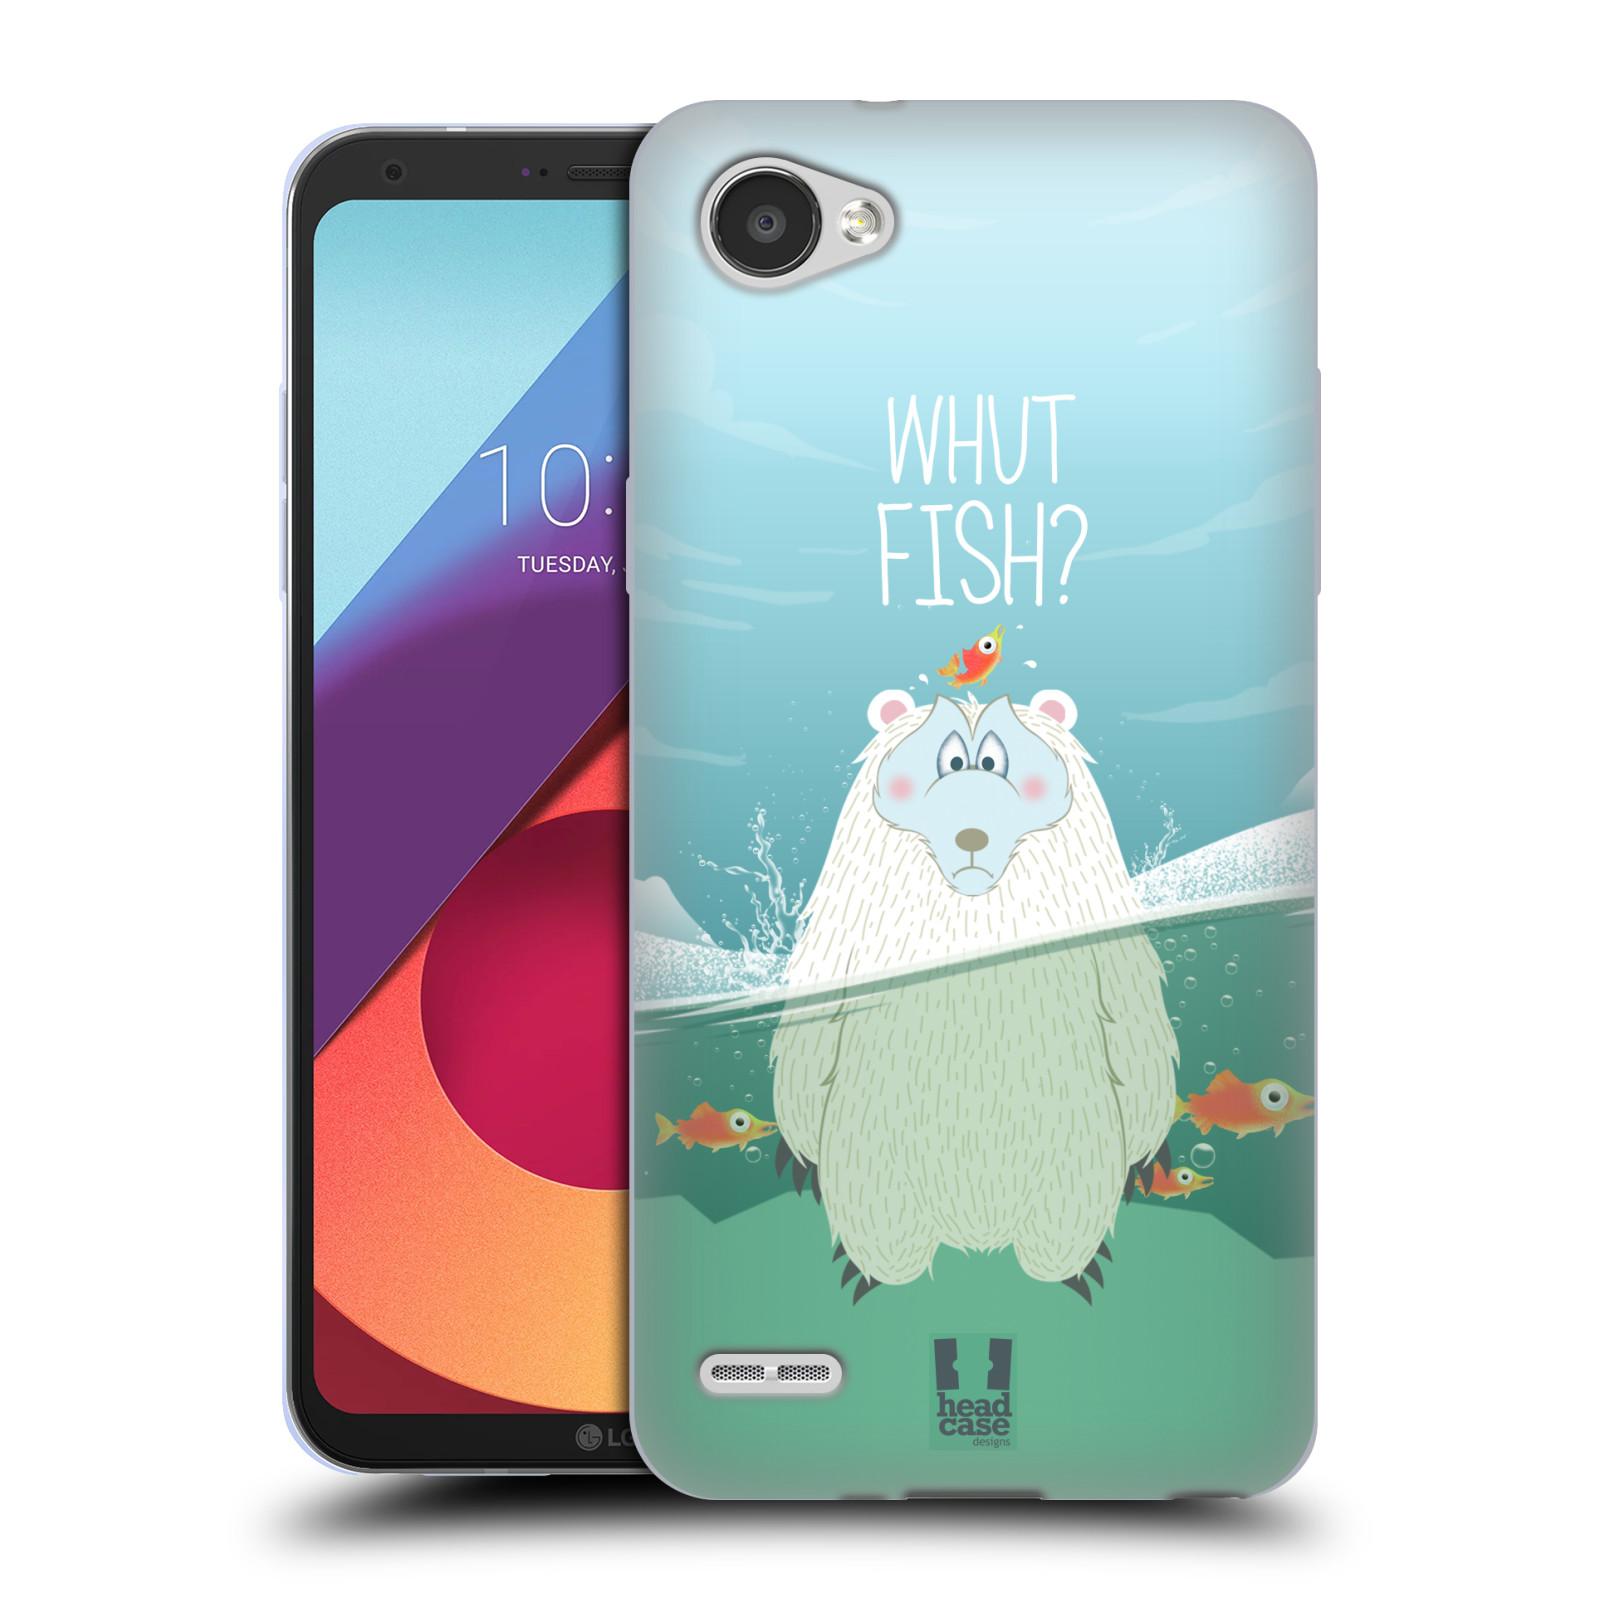 Silikonové pouzdro na mobil LG Q6 - Head Case - Medvěd Whut Fish?